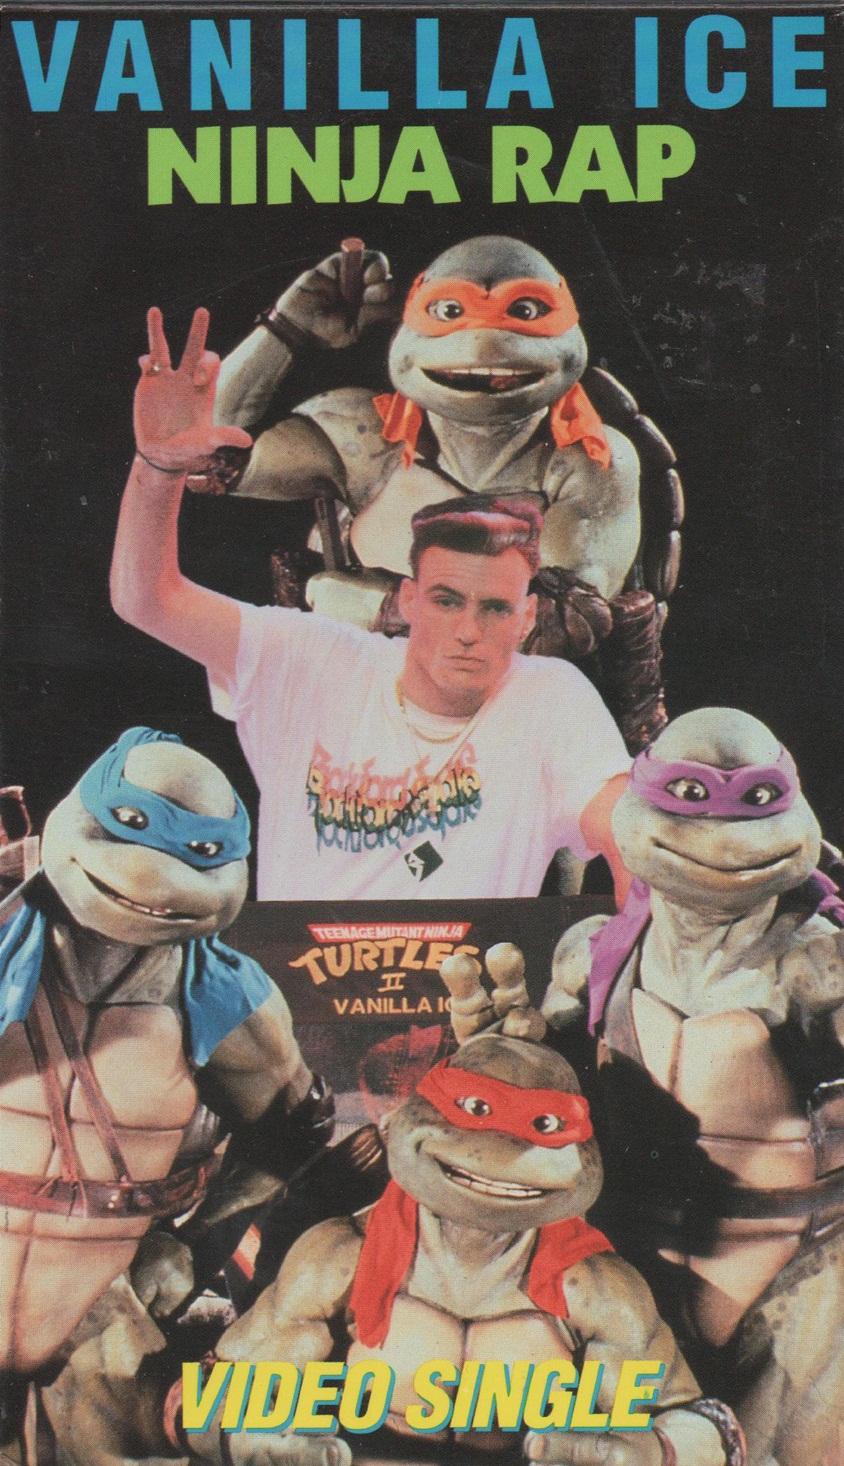 Teenage Mutant Ninja Turtles 2014 Movie Review TMNT Original Movie Soundtrack Vanilla Ice Ninja Rap